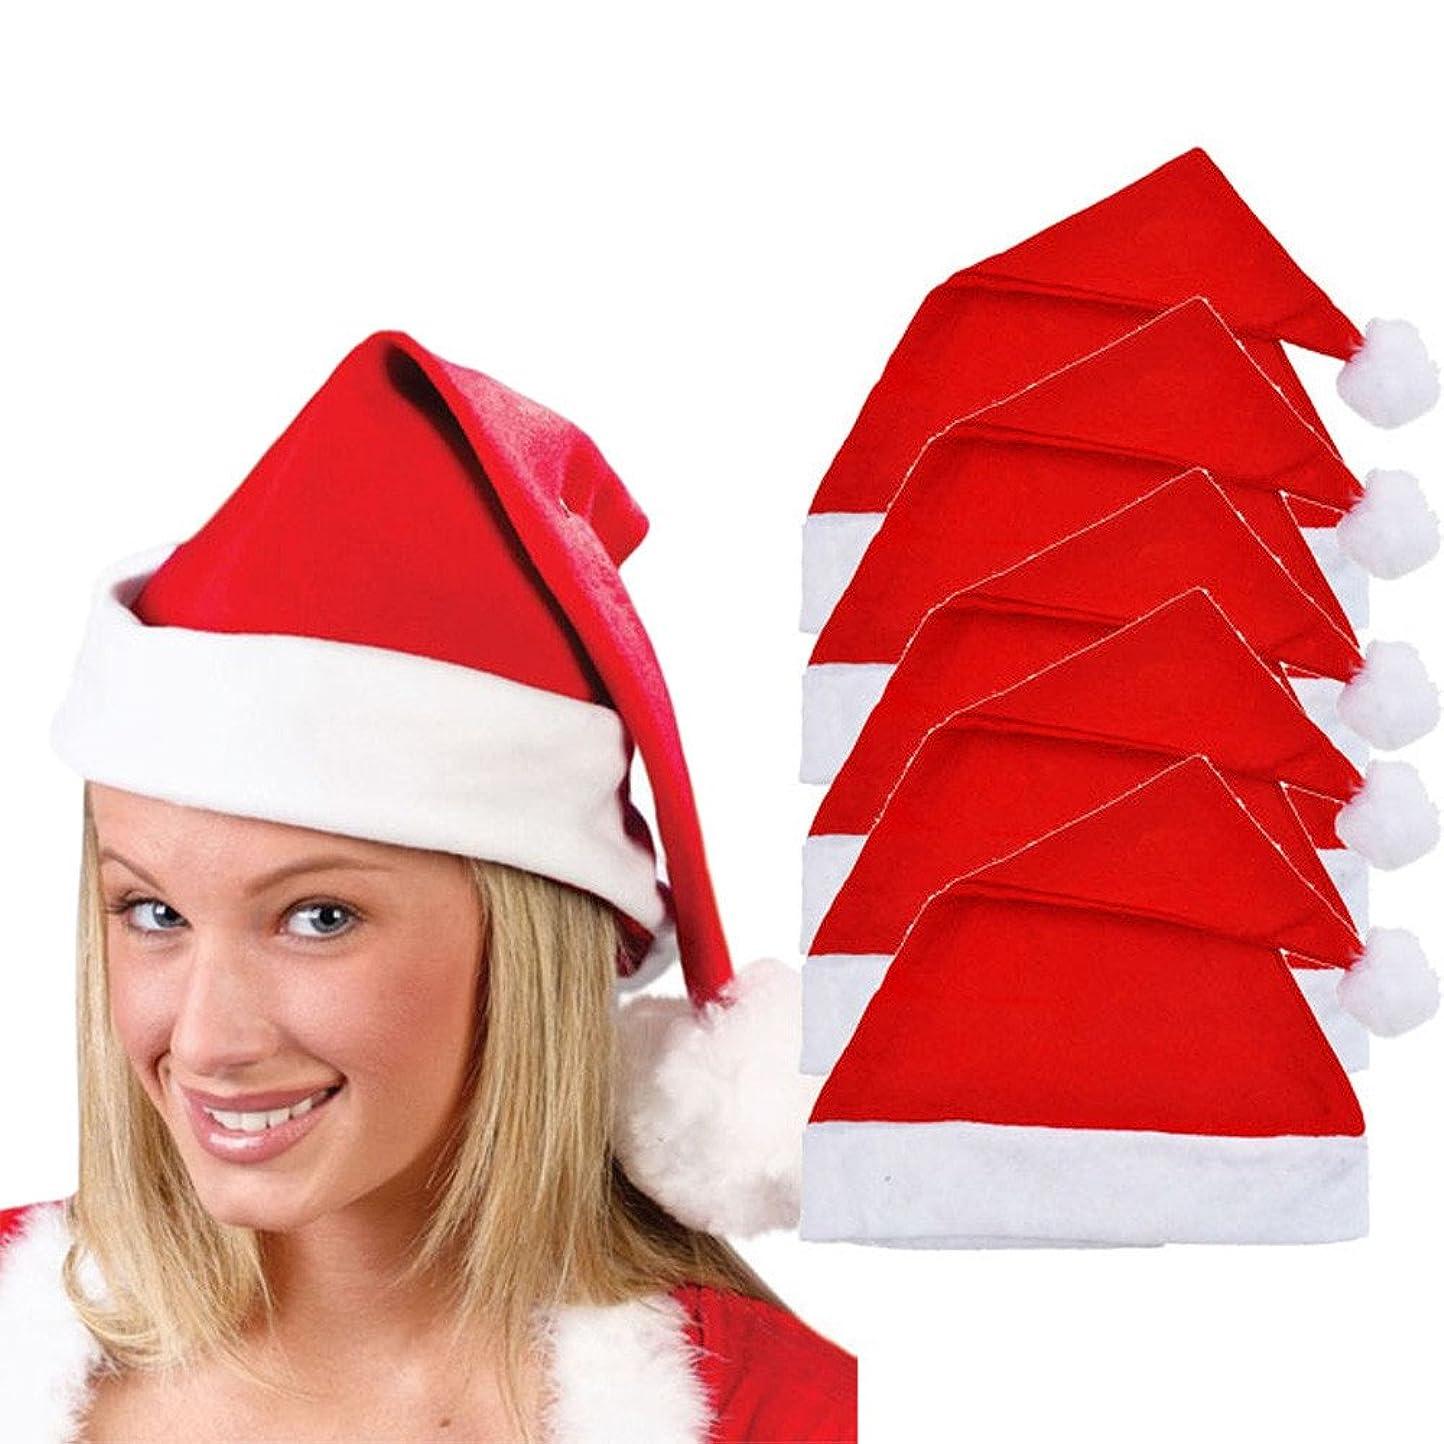 溶岩祈る反論者Racazing クリスマスハット 5つの レッド Hat ライト ドームキャップ 防寒対策 通気性のある 防風 ニット帽 暖かい 軽量 屋外 スキー 自転車 クリスマス 男女兼用 Christmas Cap